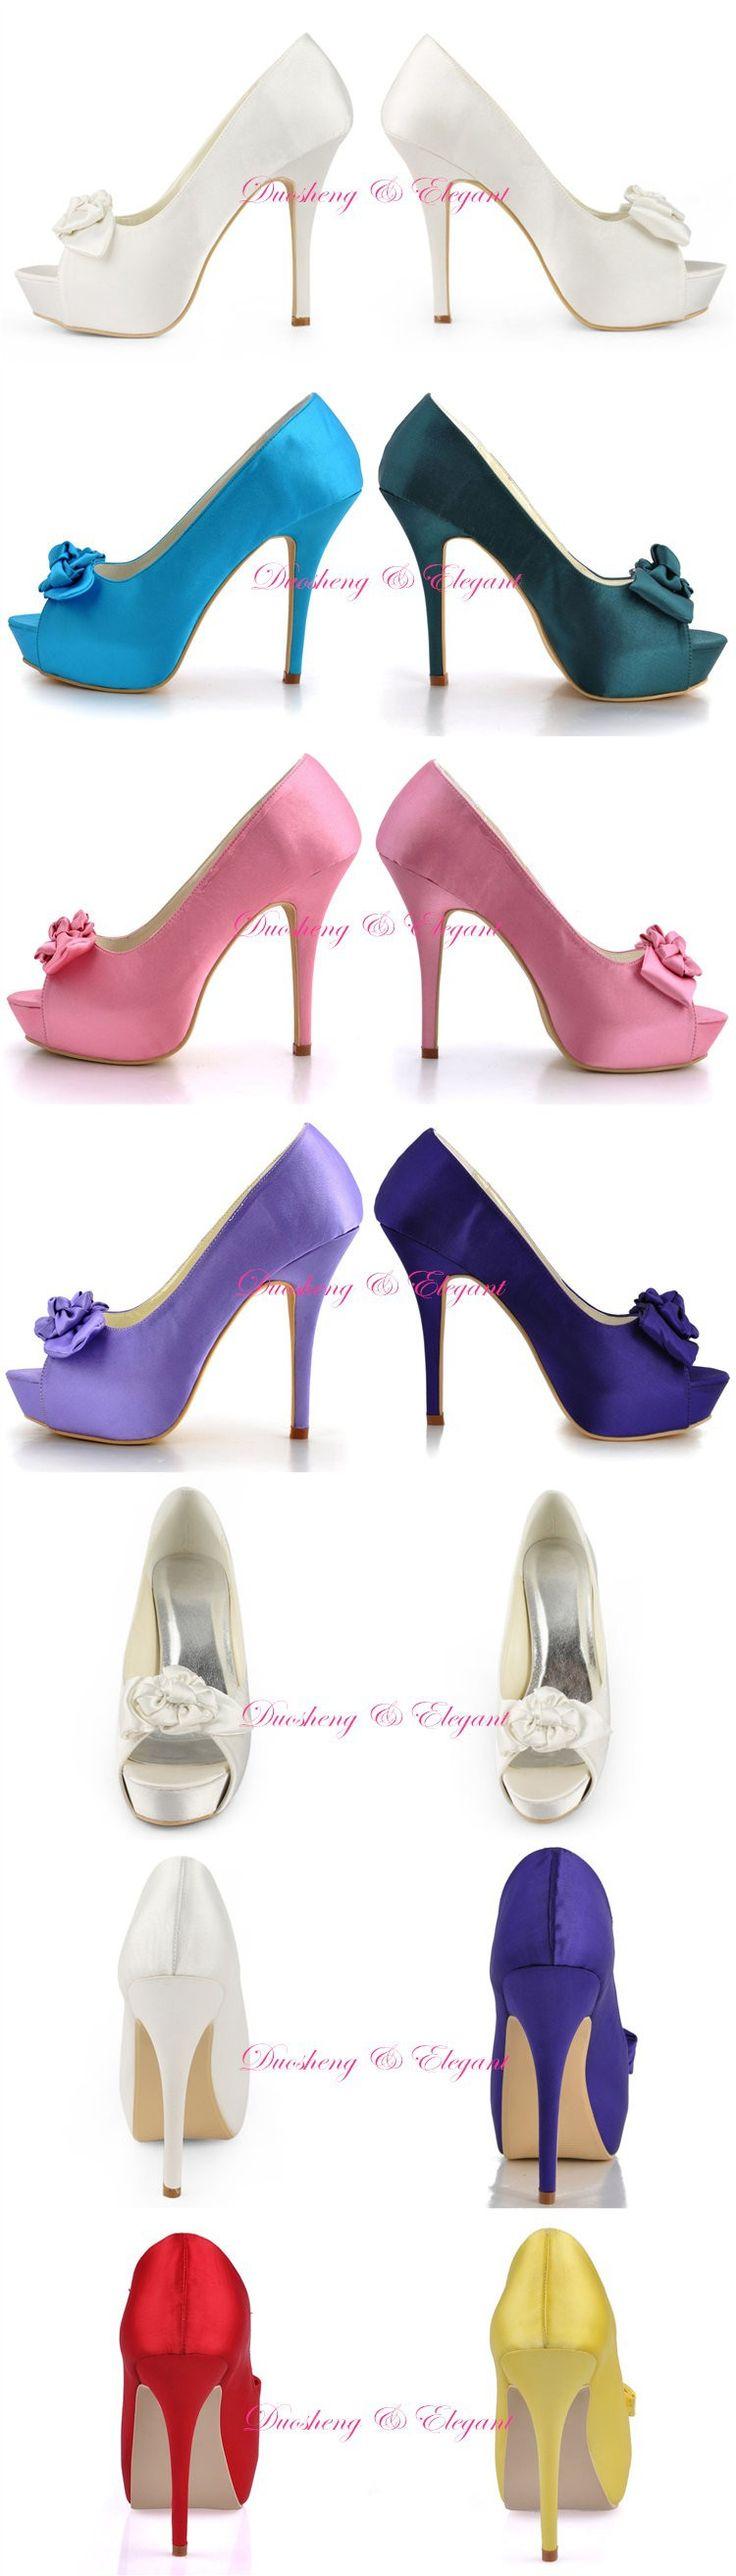 Aliexpress.com: Compre Mais cores EP11091 IP marfim Prom partido sandálias de salto alto 5 '' plataformas bombas Peep Toe de cetim sapatos de casamento de confiança sandálias sapatos de grife fornecedores em Duosheng & Elegant